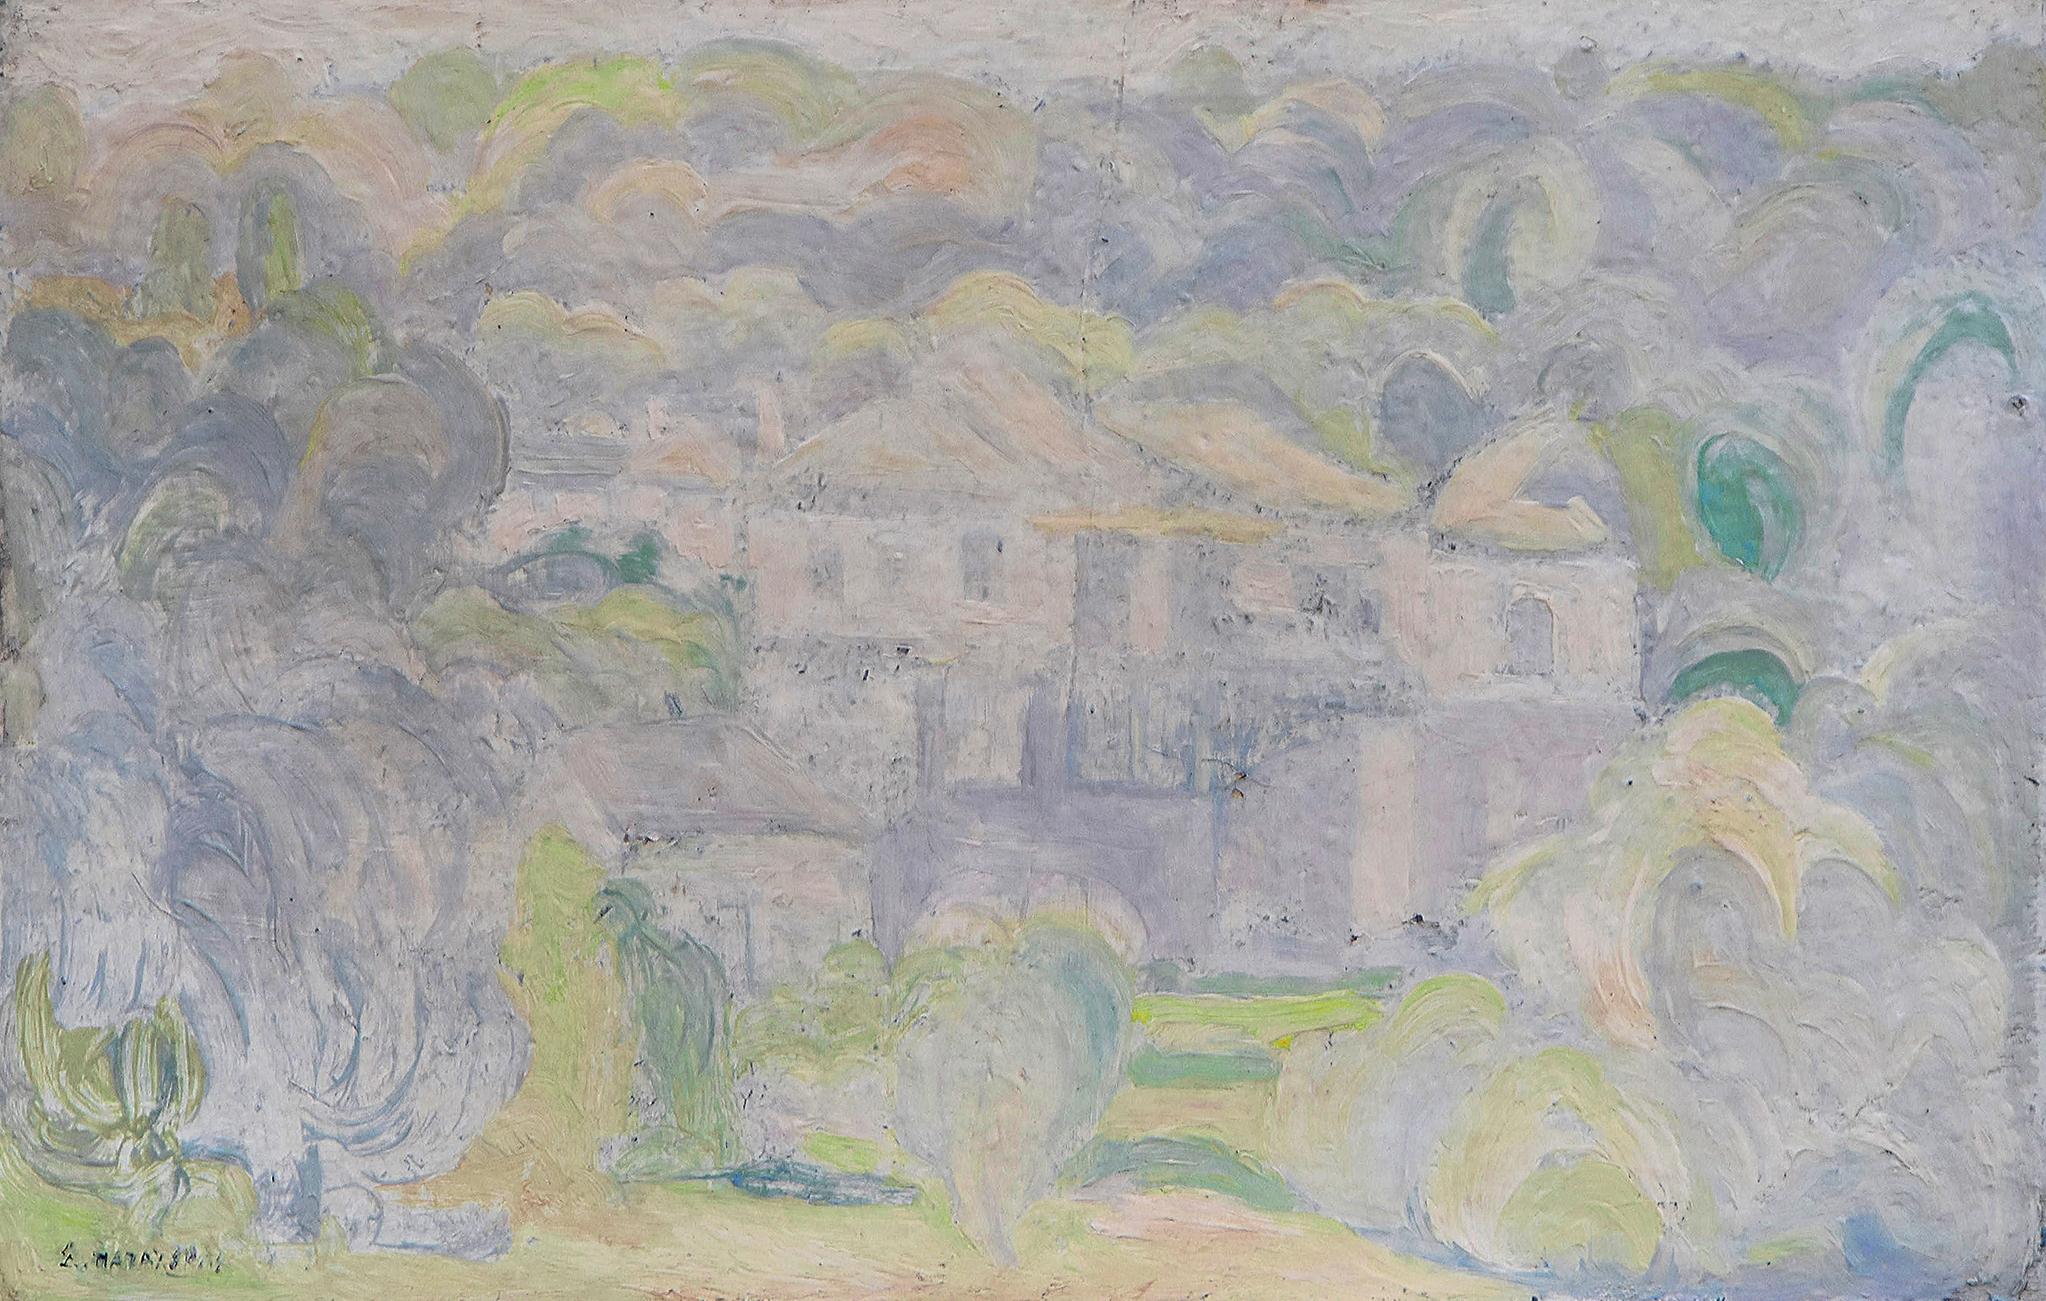 10. ΠΑΠΑΛΟΥΚΑΣ Σπύρος   (1892 - 1957)